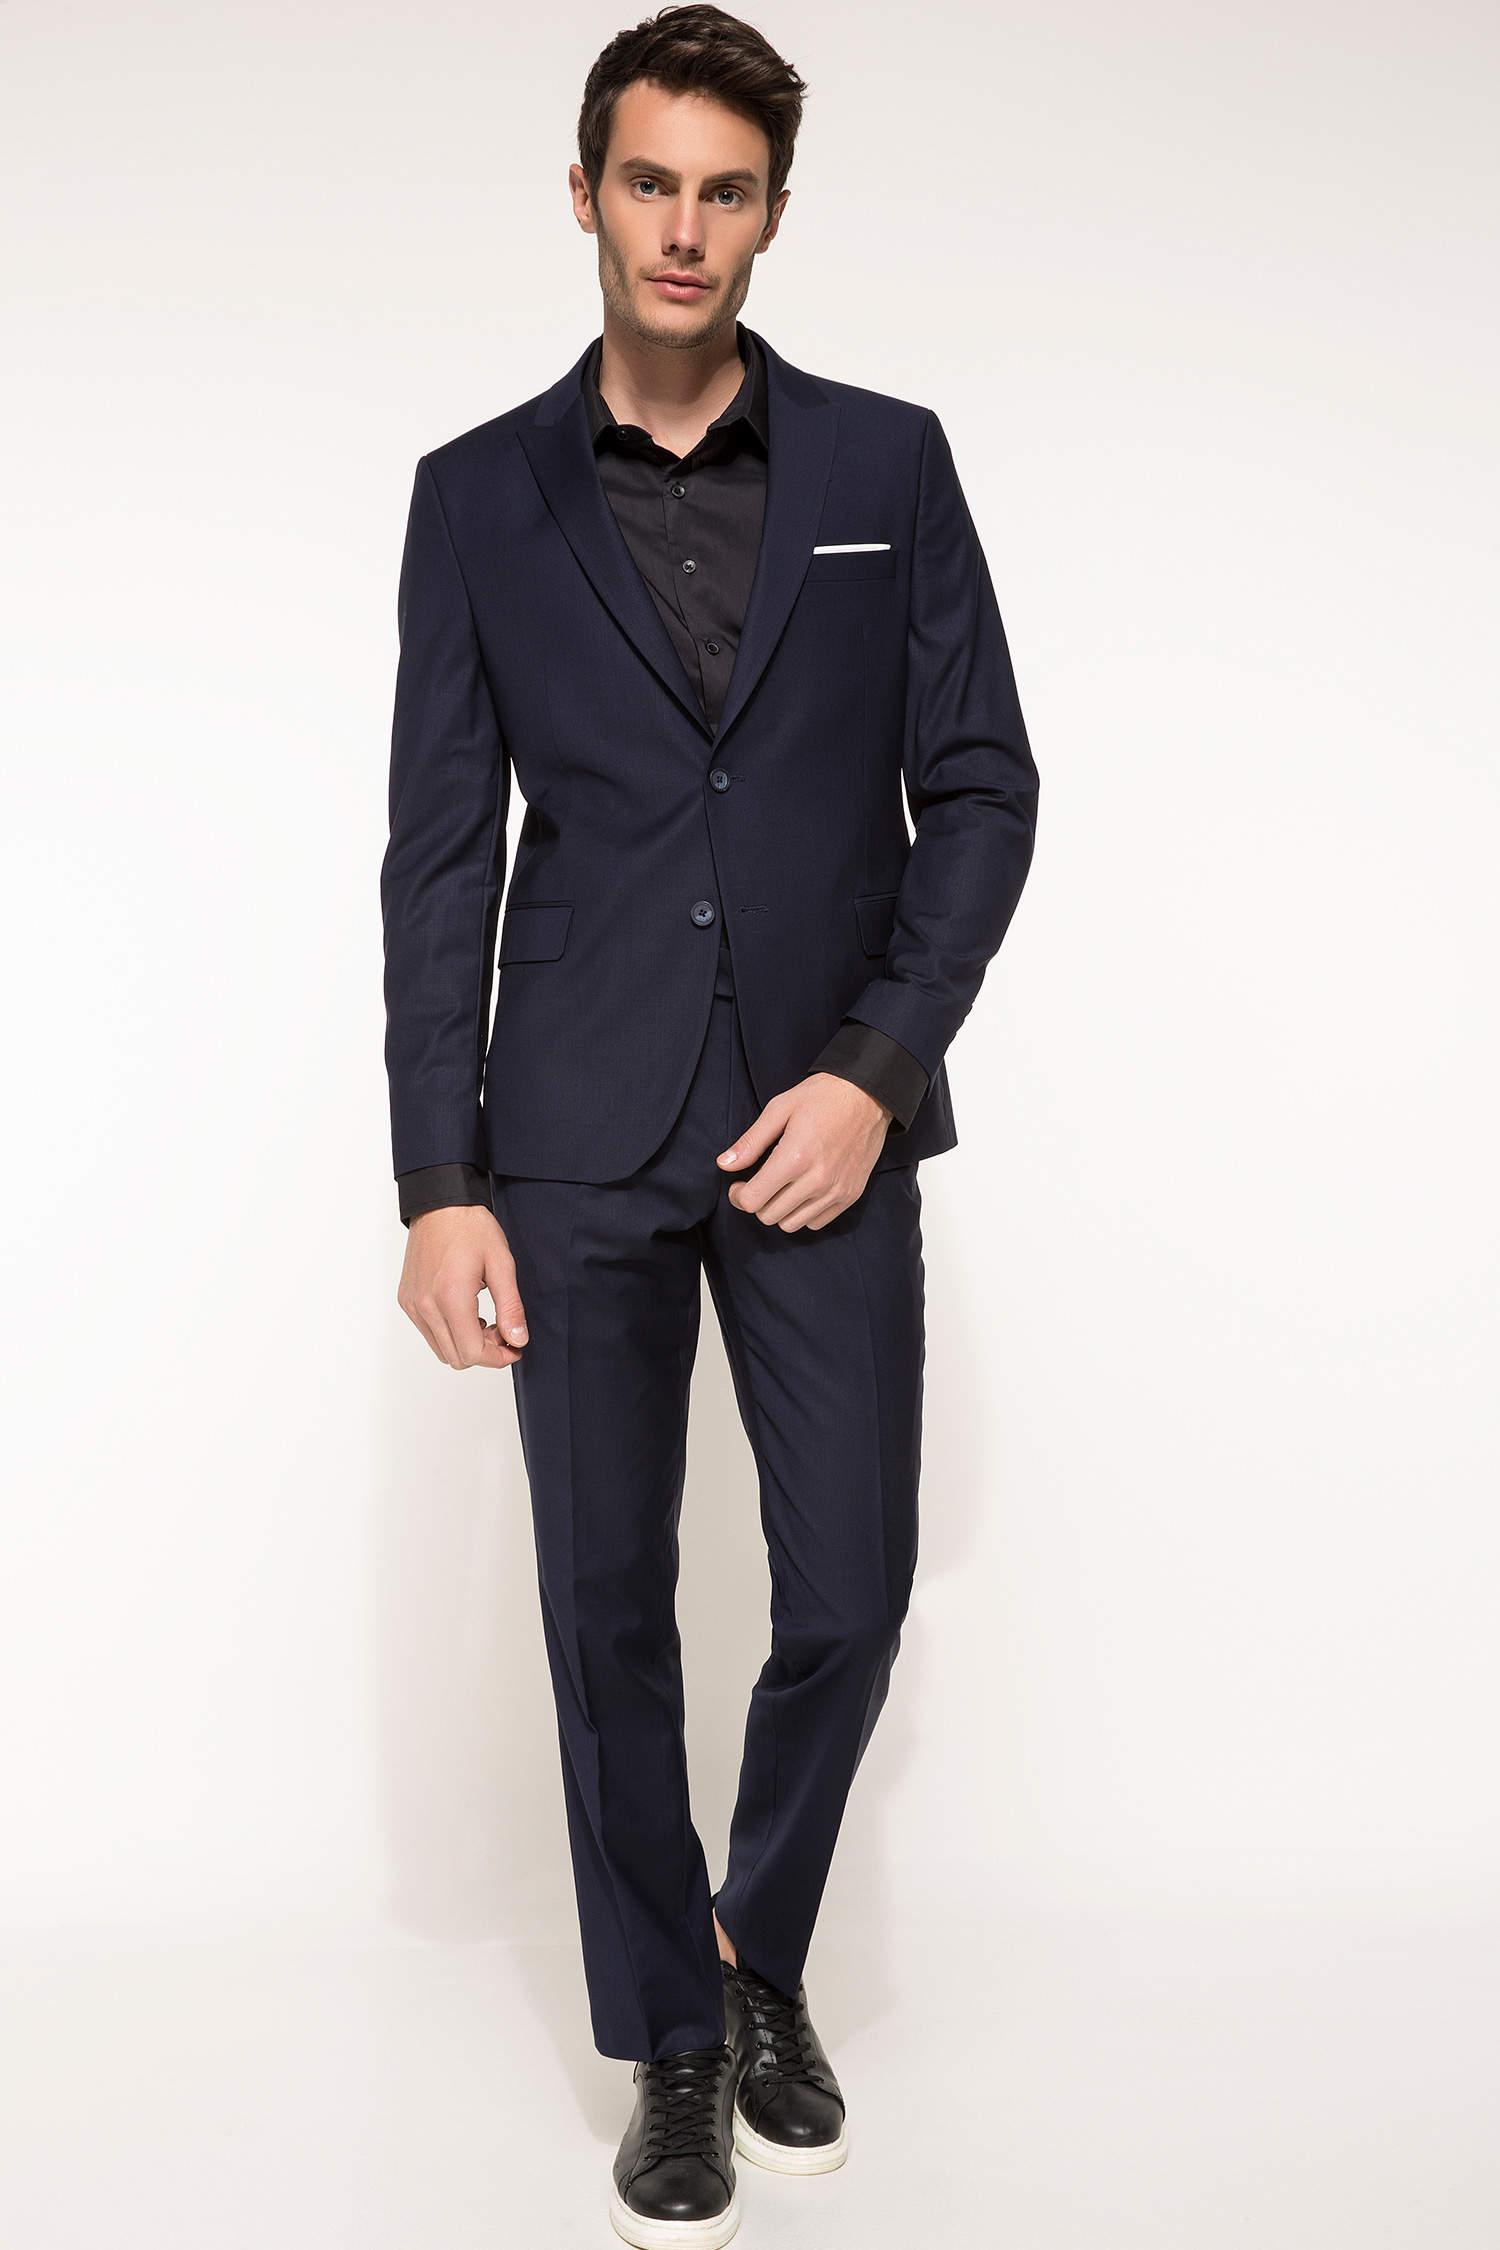 b448d68411f60 Lacivert Erkek Takım Elbise 809593 | DeFacto